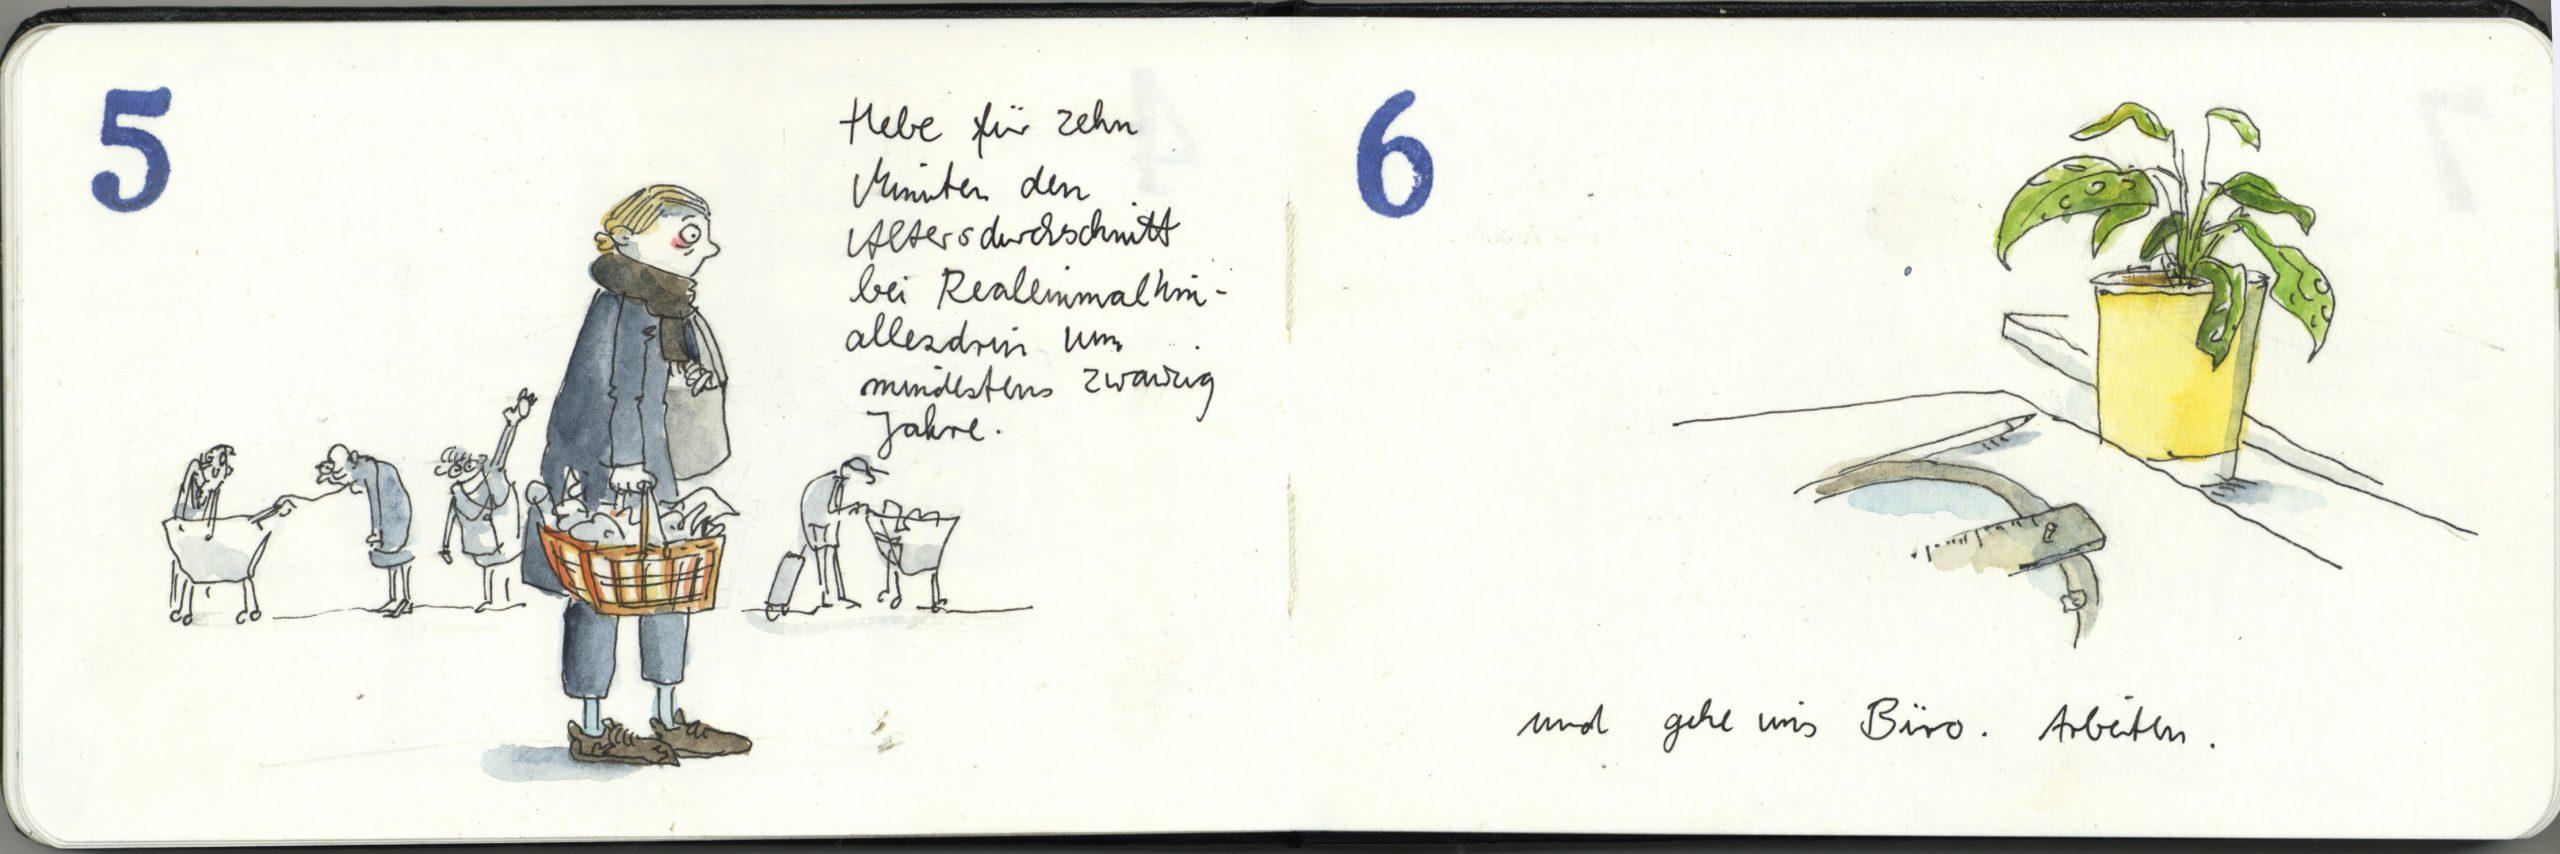 Nils, Seite 5 und 6